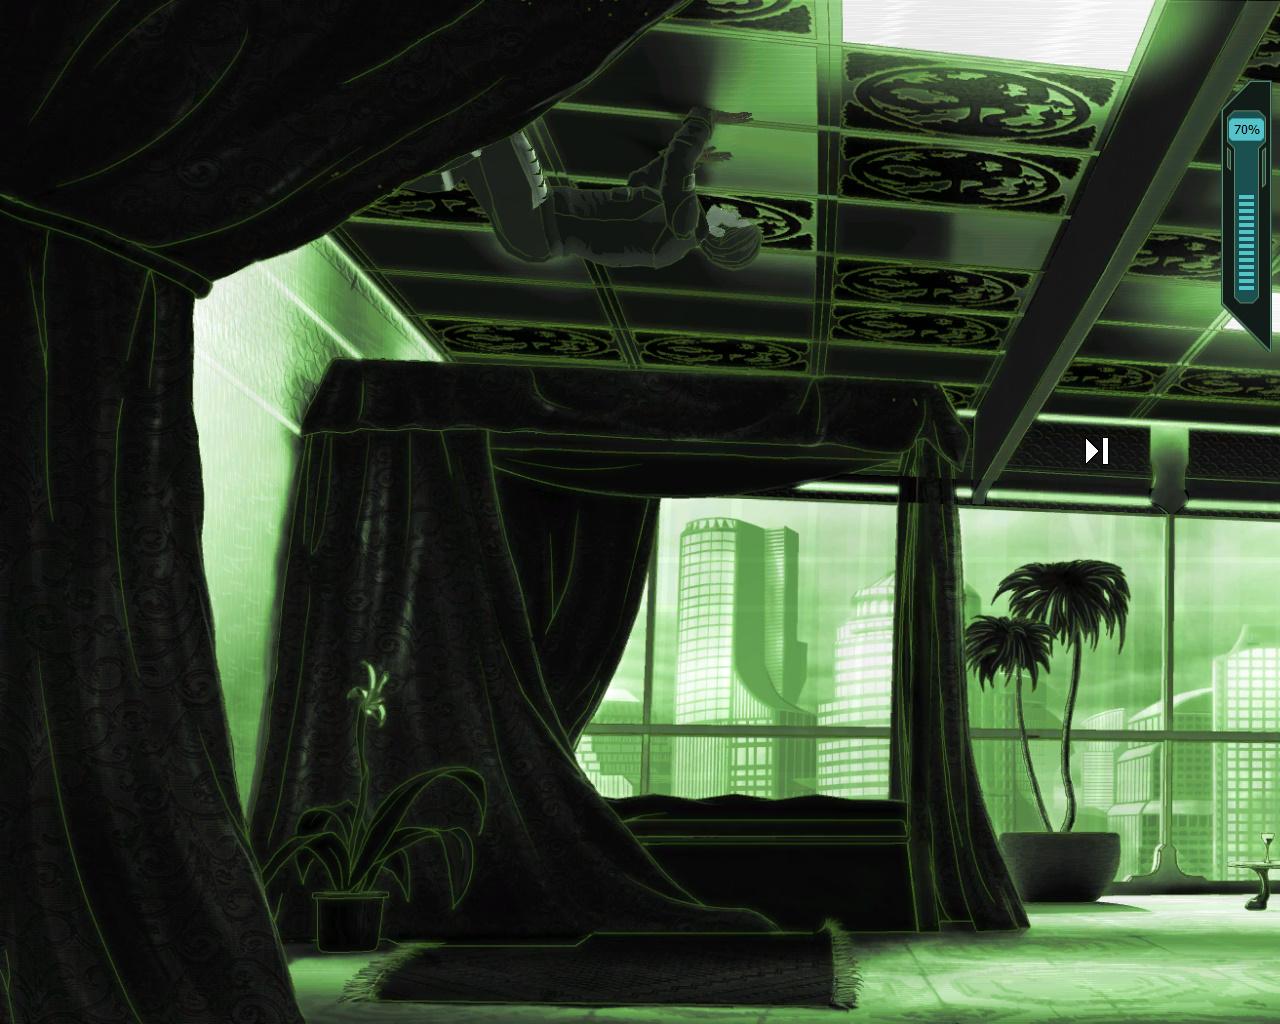 Goin' Downtown - Джейк с помощью нано-перчаток залезает на потолок (уровень 5)